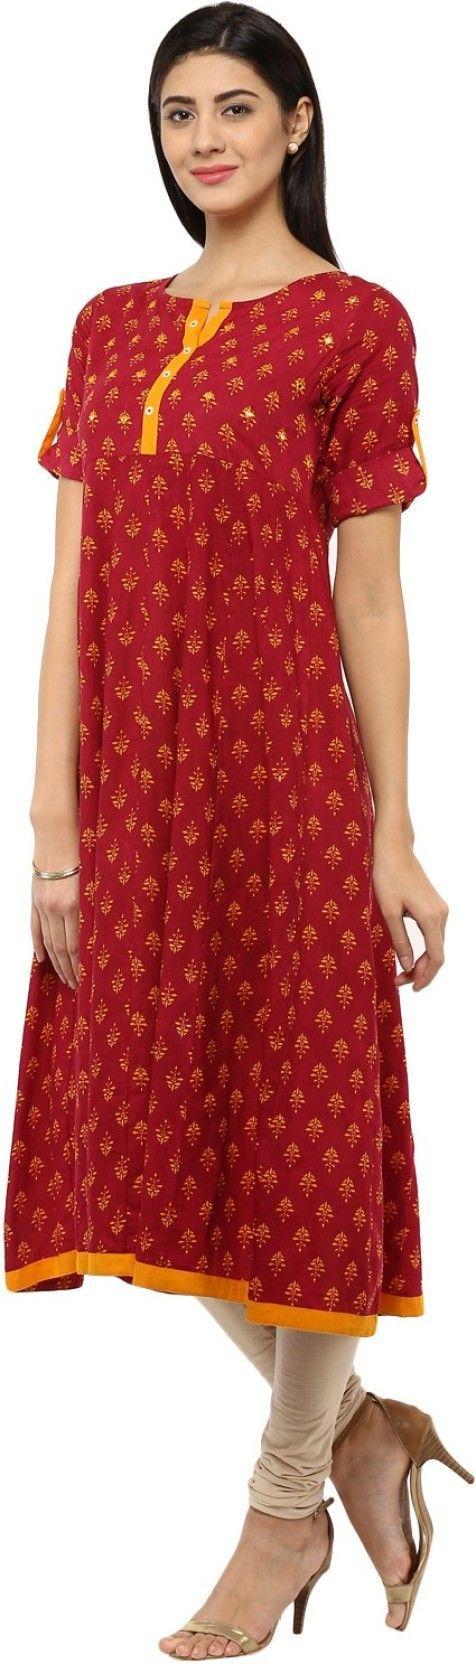 Evam Embroidered Women's Anarkali Kurta - Buy Red Evam Embroidered Women's Anarkali Kurta Online at Best Prices in India | http://Flipkart.com